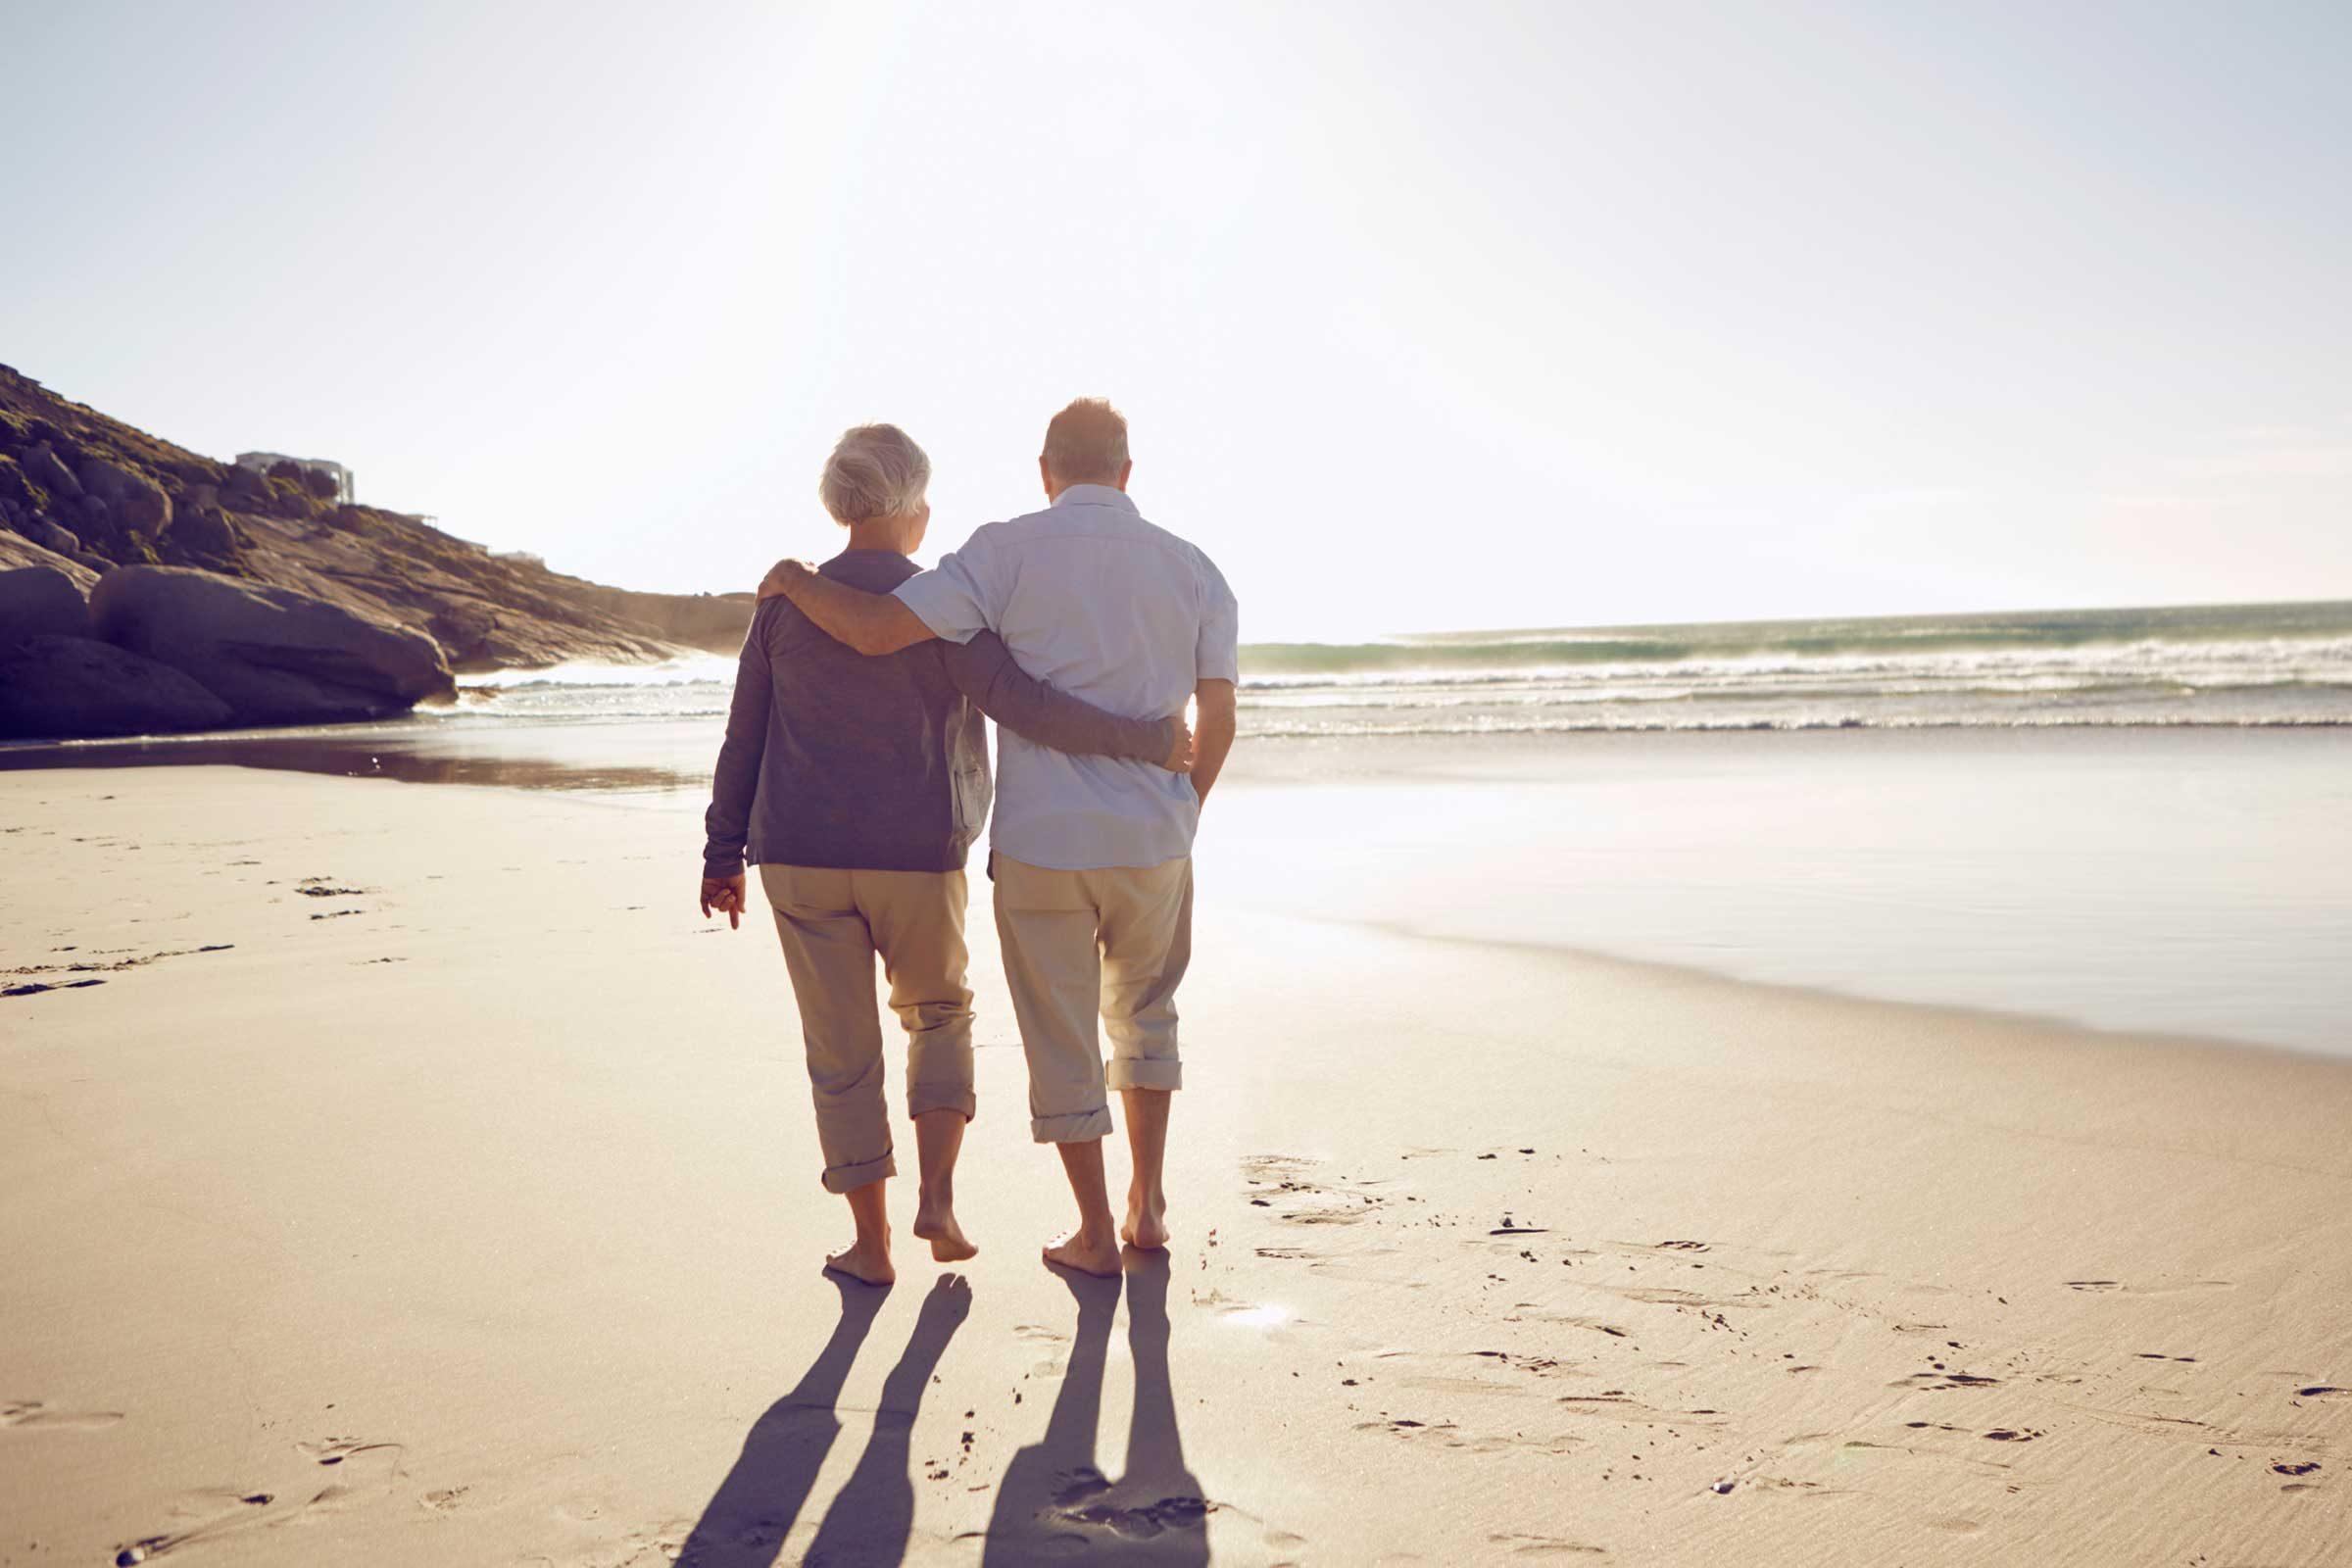 Les gens qui économisent de l'argent ont un plan pour la retraite.